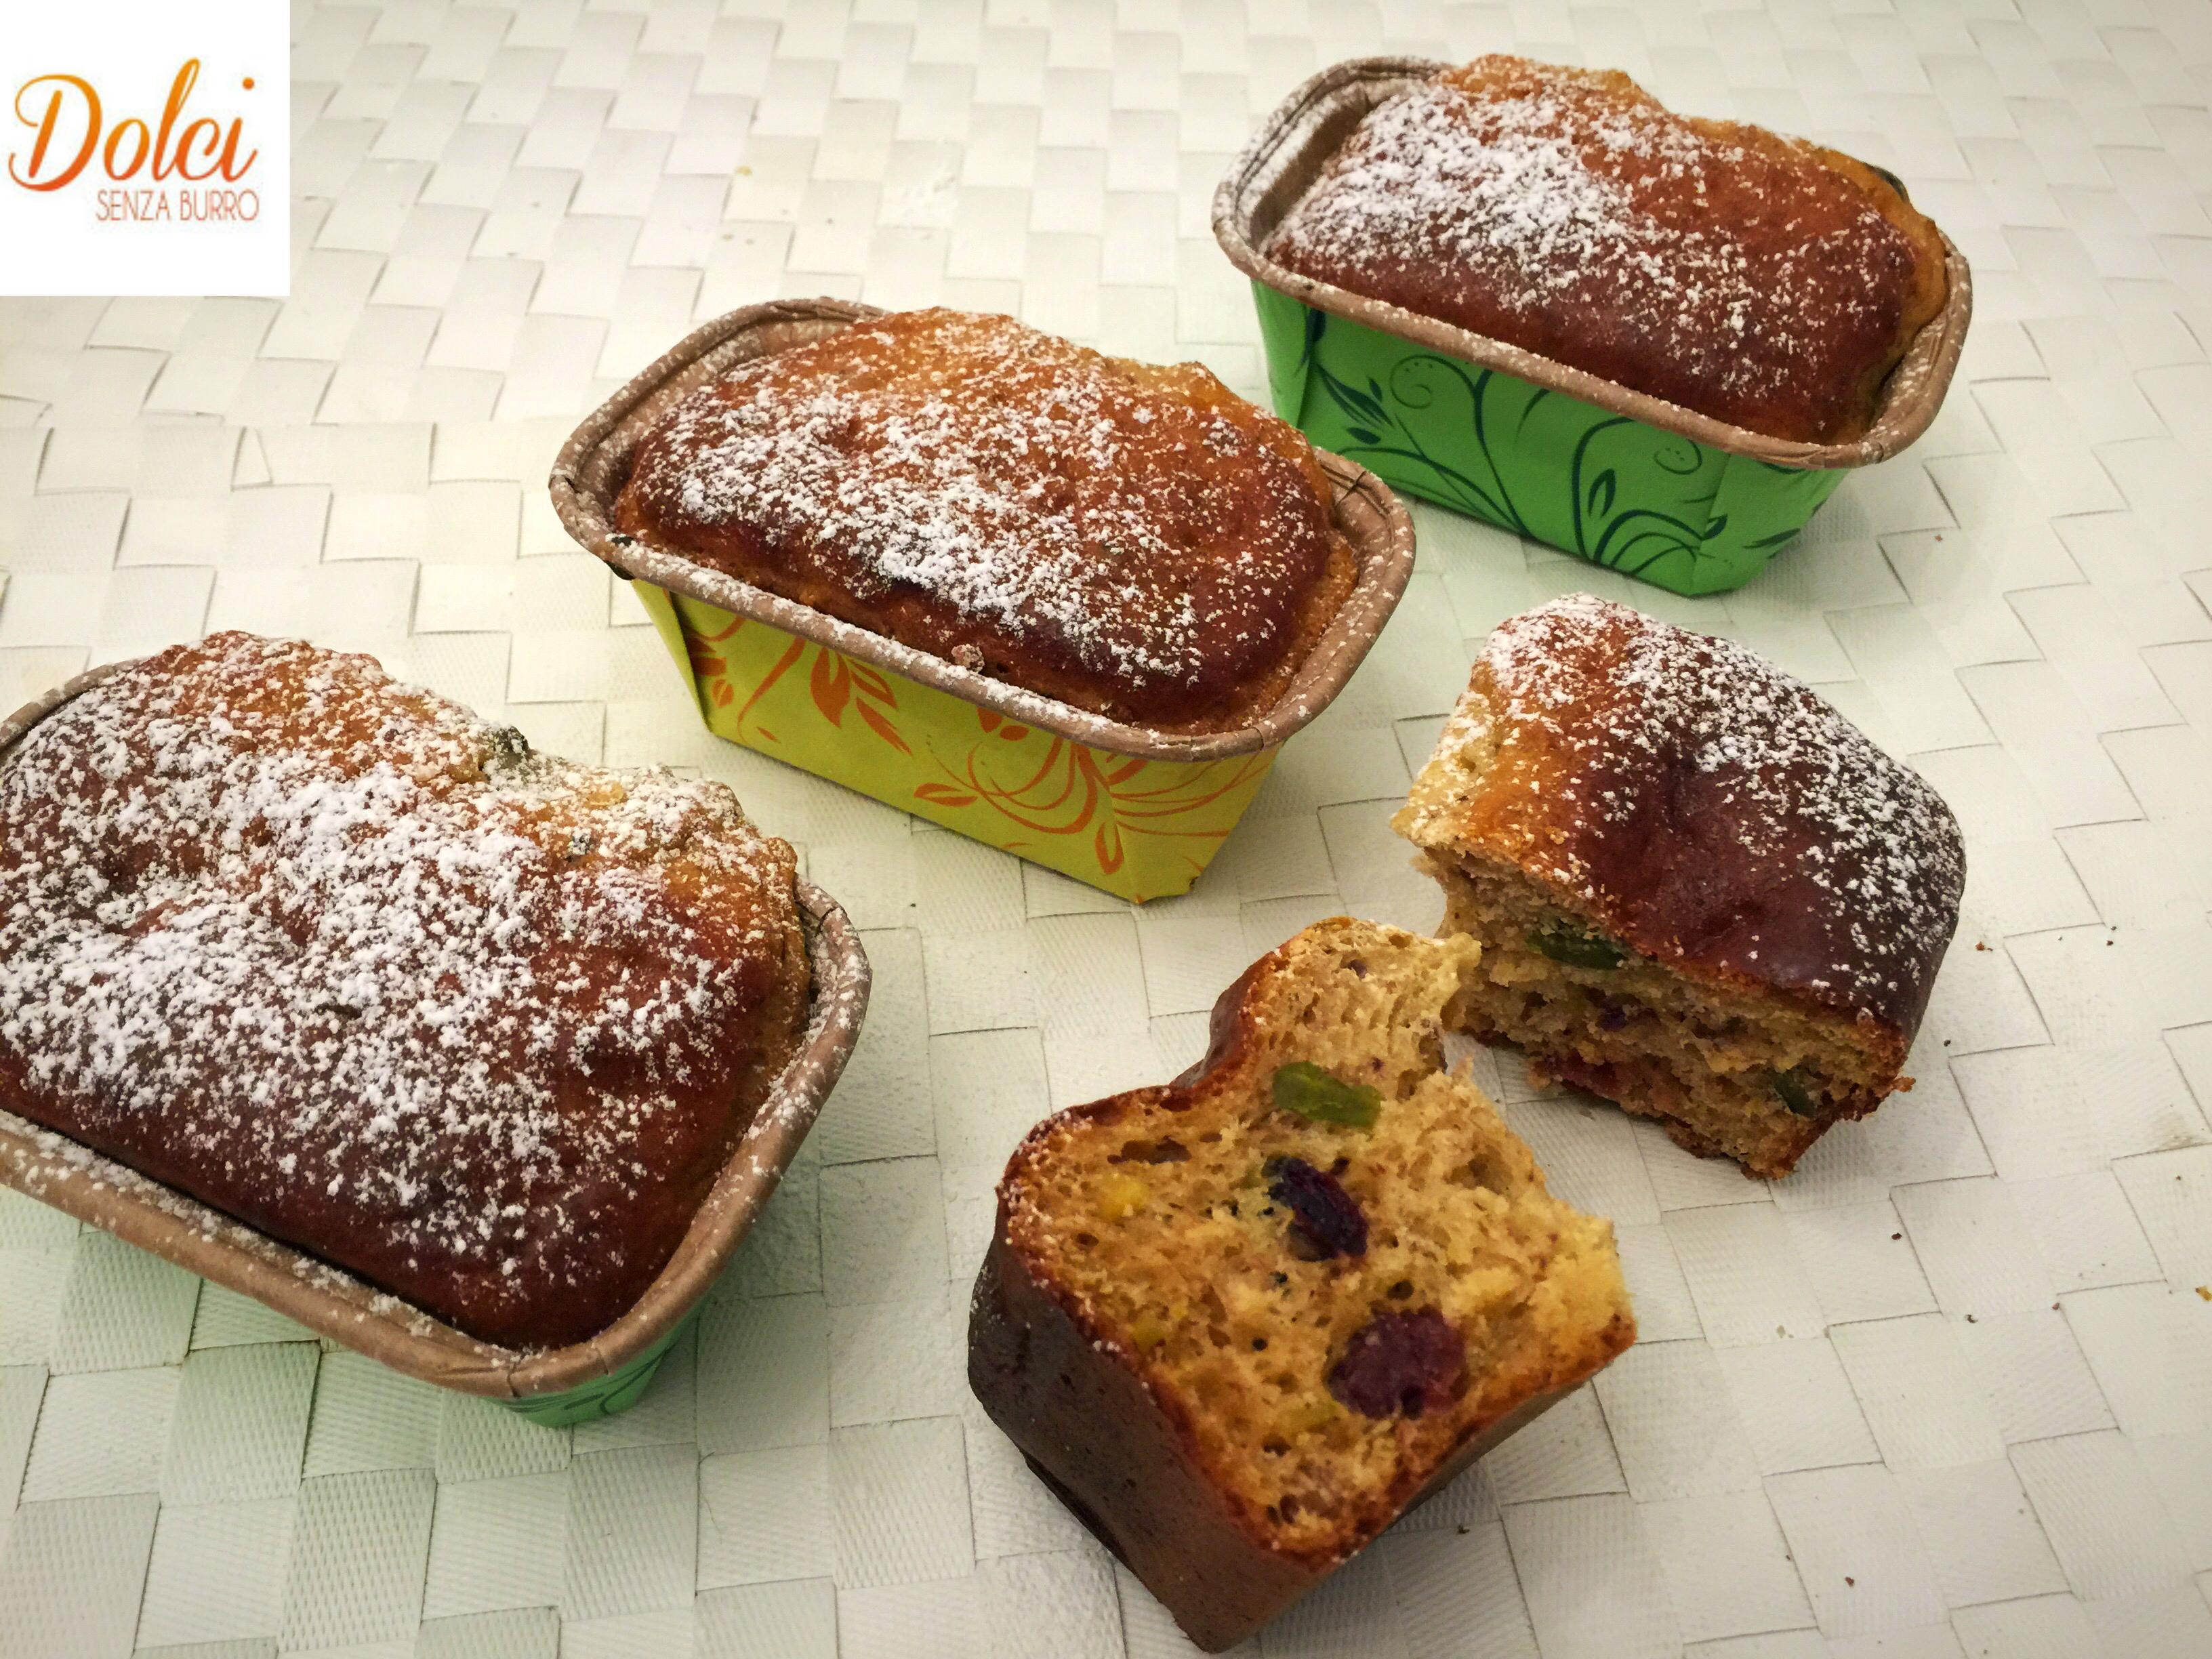 Mini Plumcake Senza Burro, il dolce sano e genuino di dolci senza burro